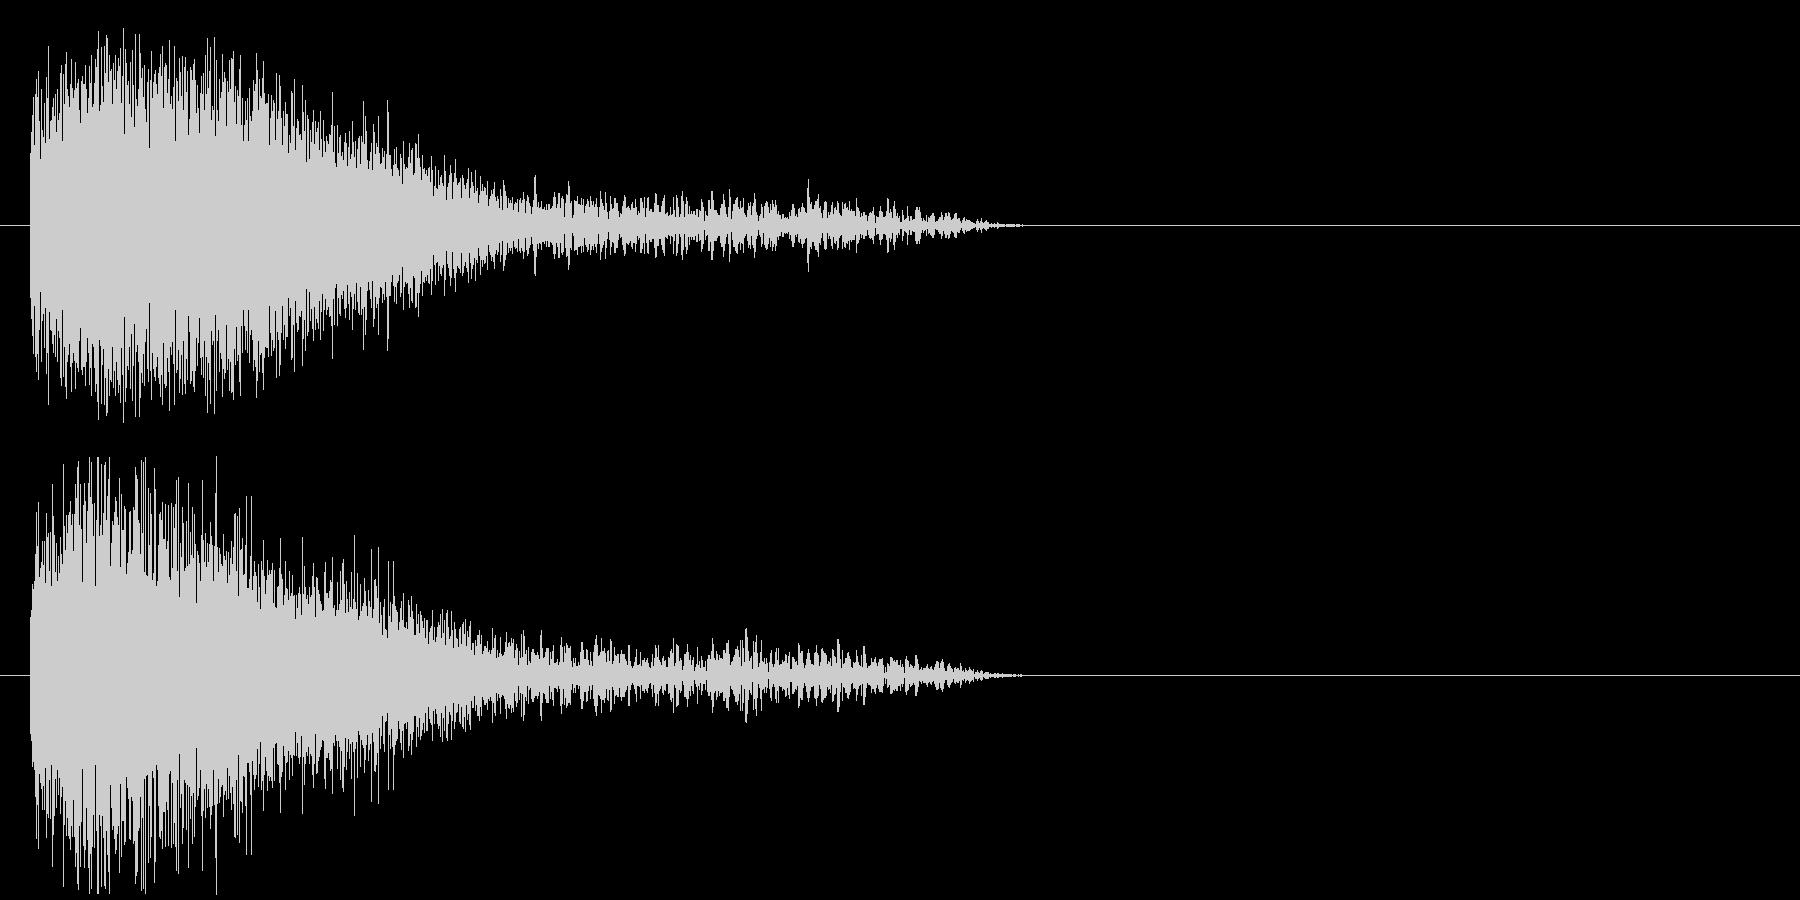 アタック ミサイルの未再生の波形